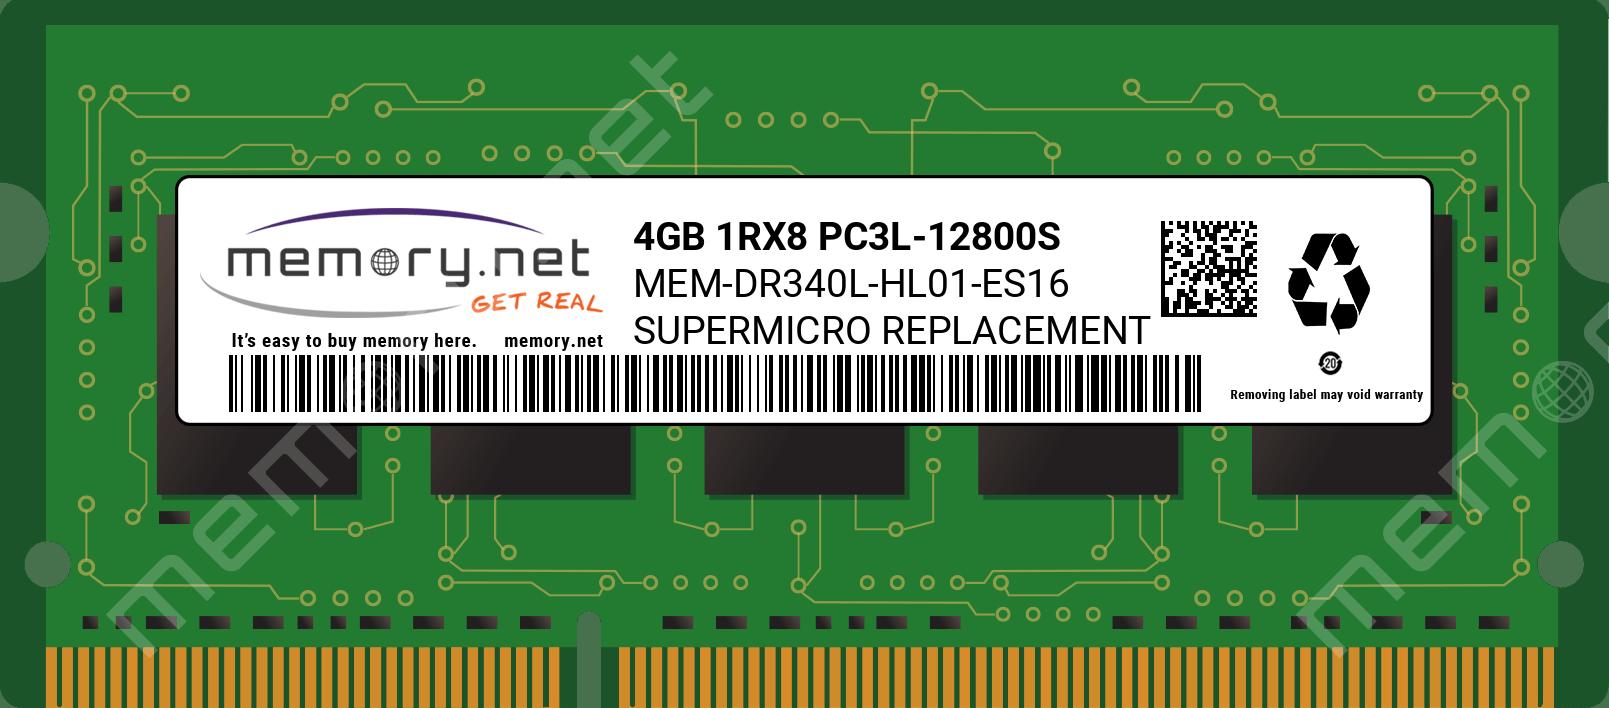 MEM-DR340L-HL01-ES16